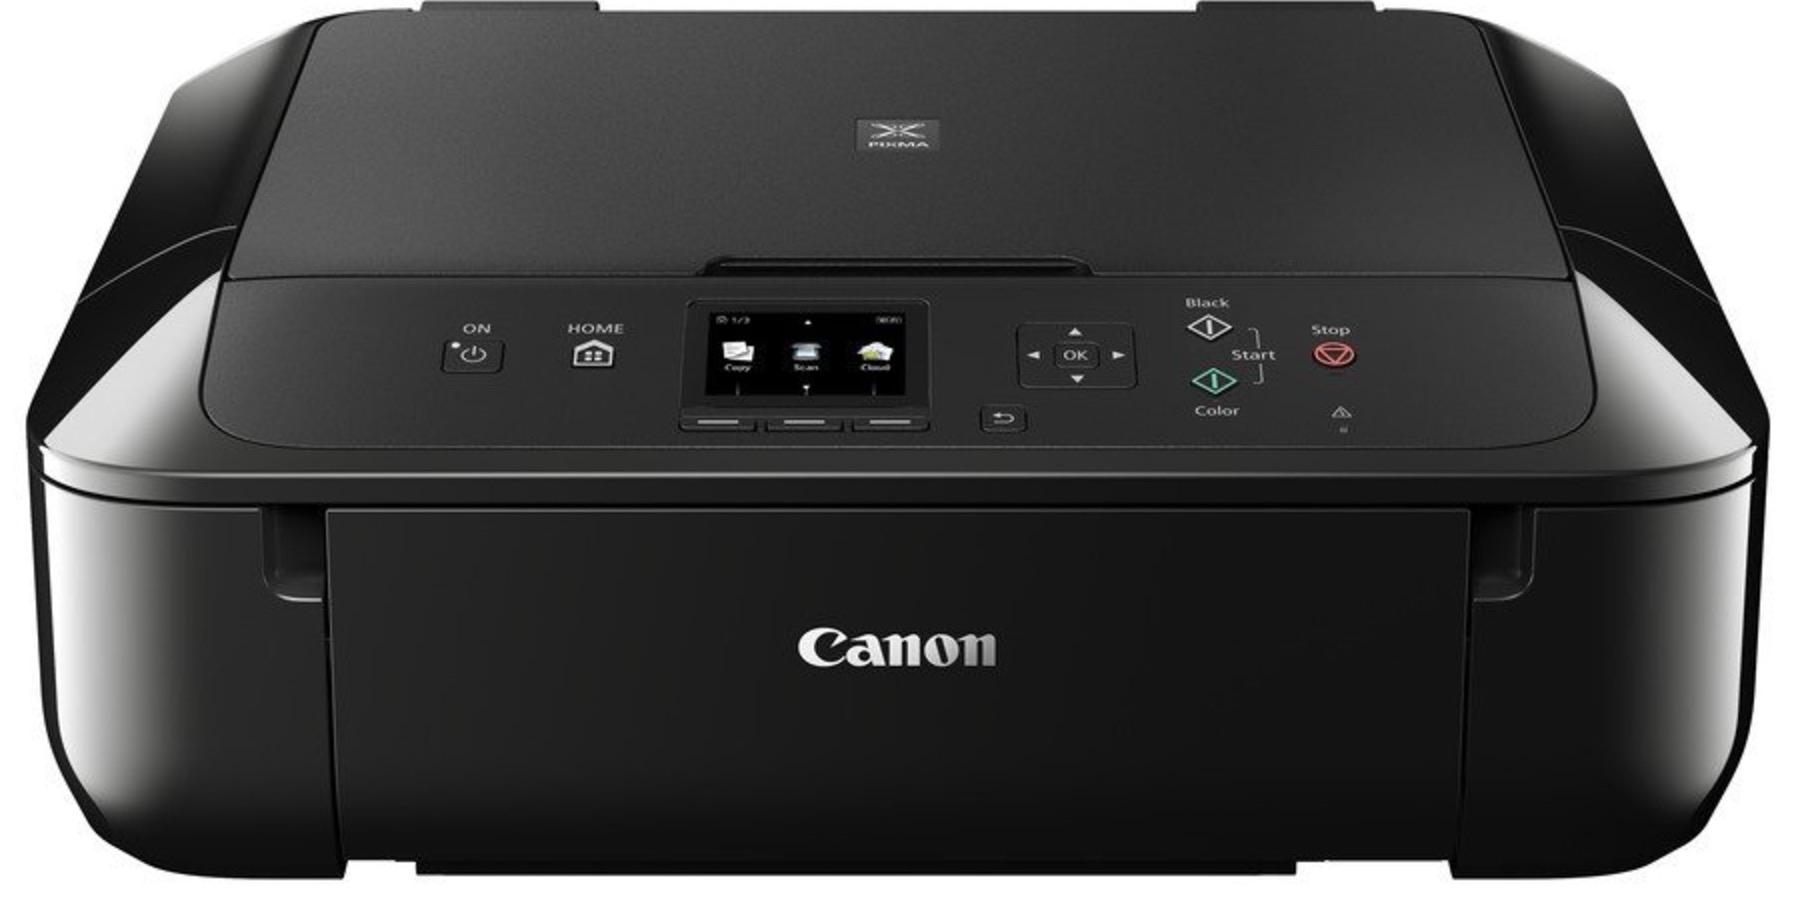 Canon PIXMA MG5750 Multifunktionsdrucker in schwarz für nur 59,- Euro inkl. Versand